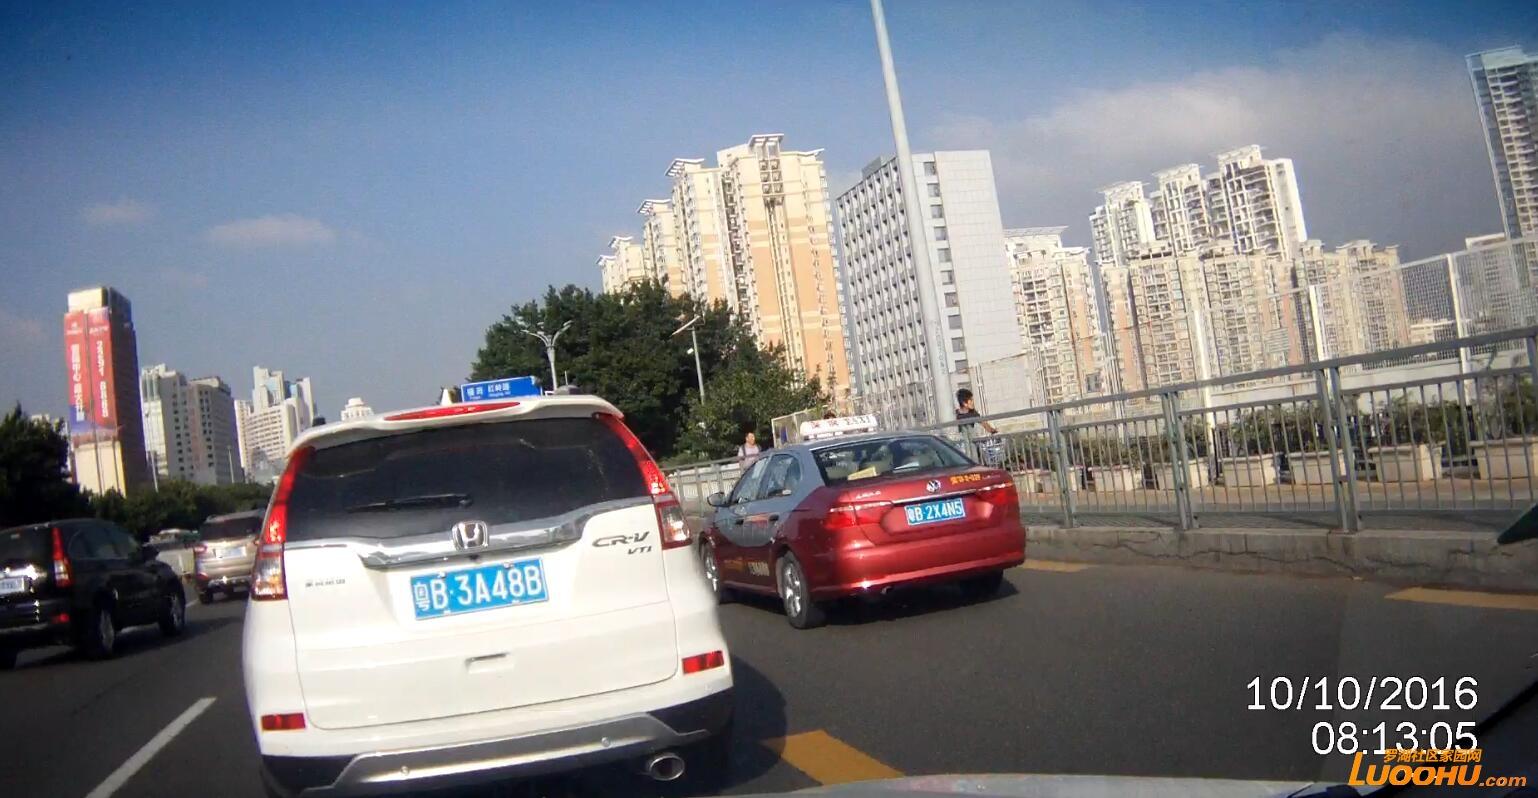 笋岗路西行笋岗铁路跨线桥上(粤B2X4N5)高峰时段行走公交车道02.jpg